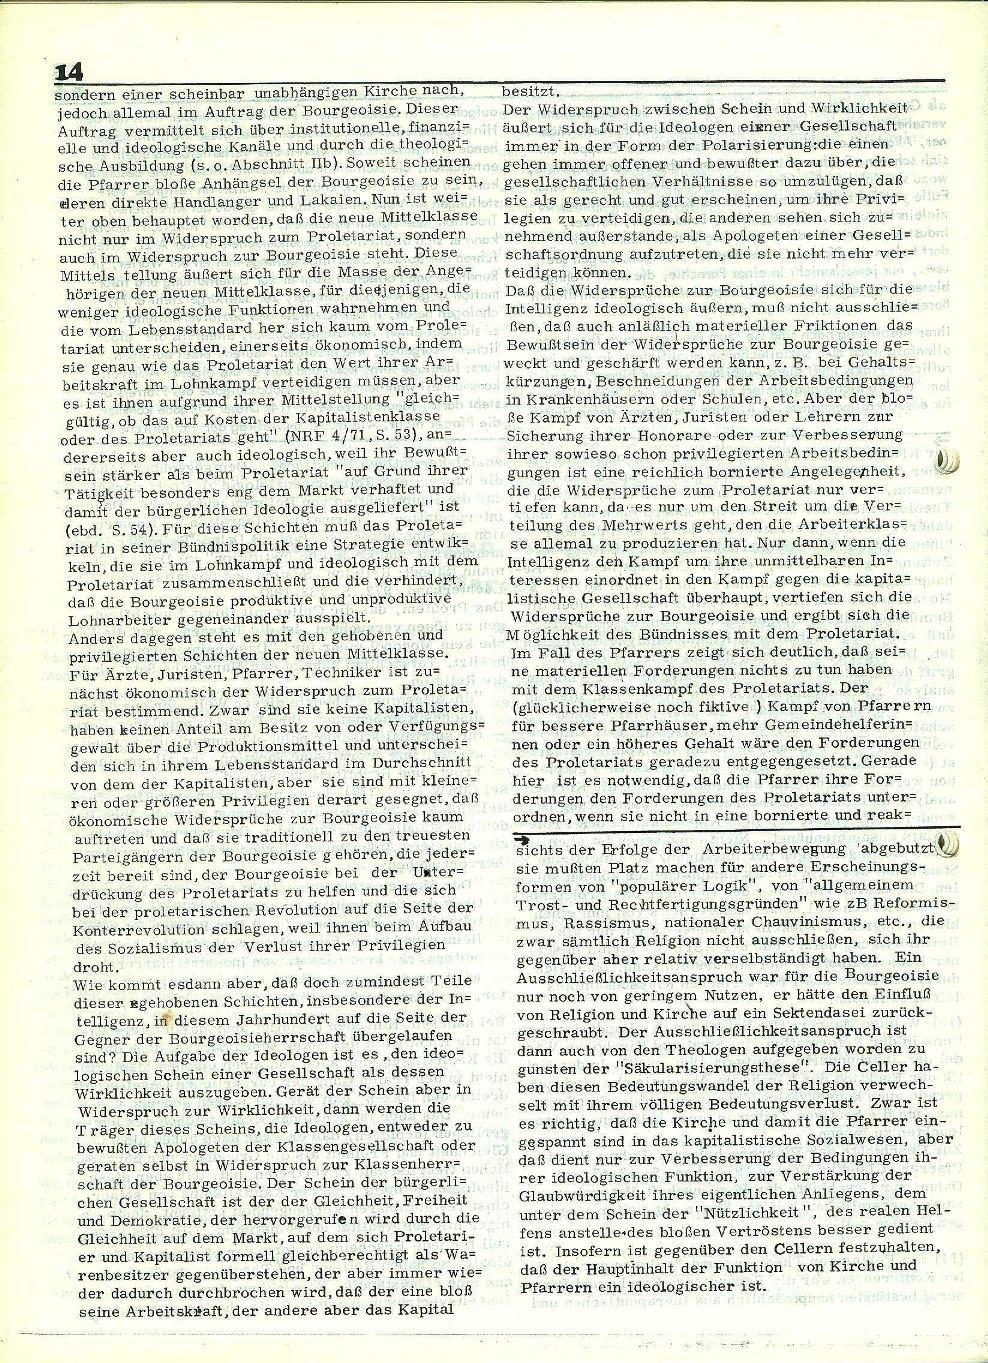 Heidelberg_Theologie_1973_03_14